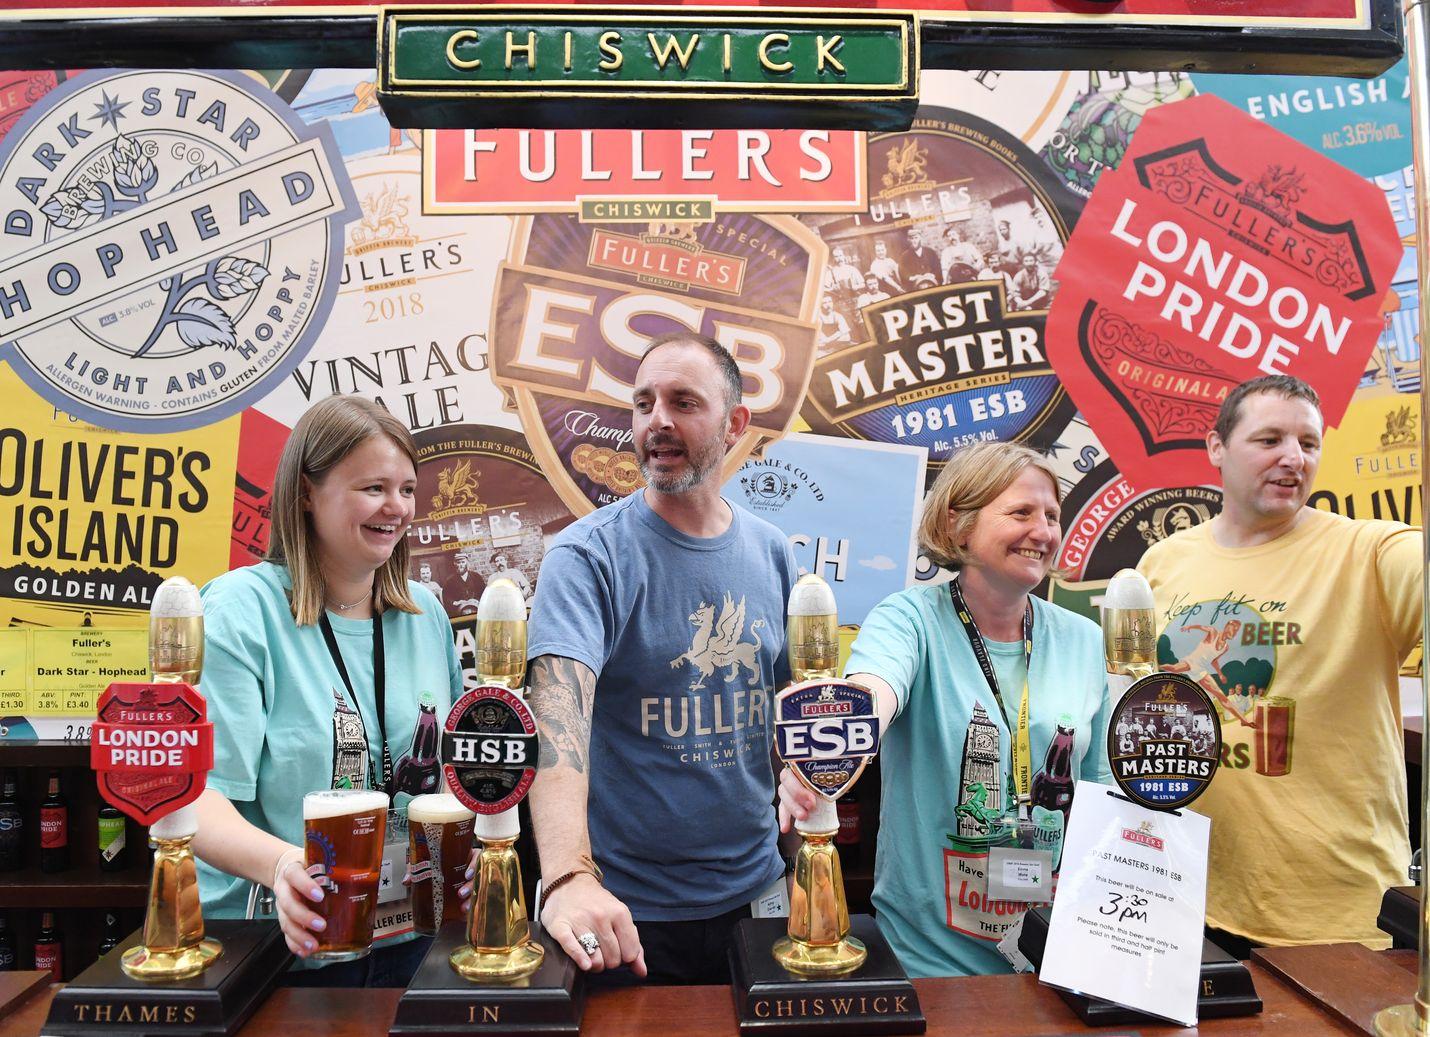 Brittipubin henkilökunta tarjoaa olutta suuren brittiläisen olutfestivaalin aikana Lontoon Kensingtonissa elokuussa 2018. Tutkimuksen mukaan briteille maistuu alkoholi paremmin kuin kenellekään muulle.